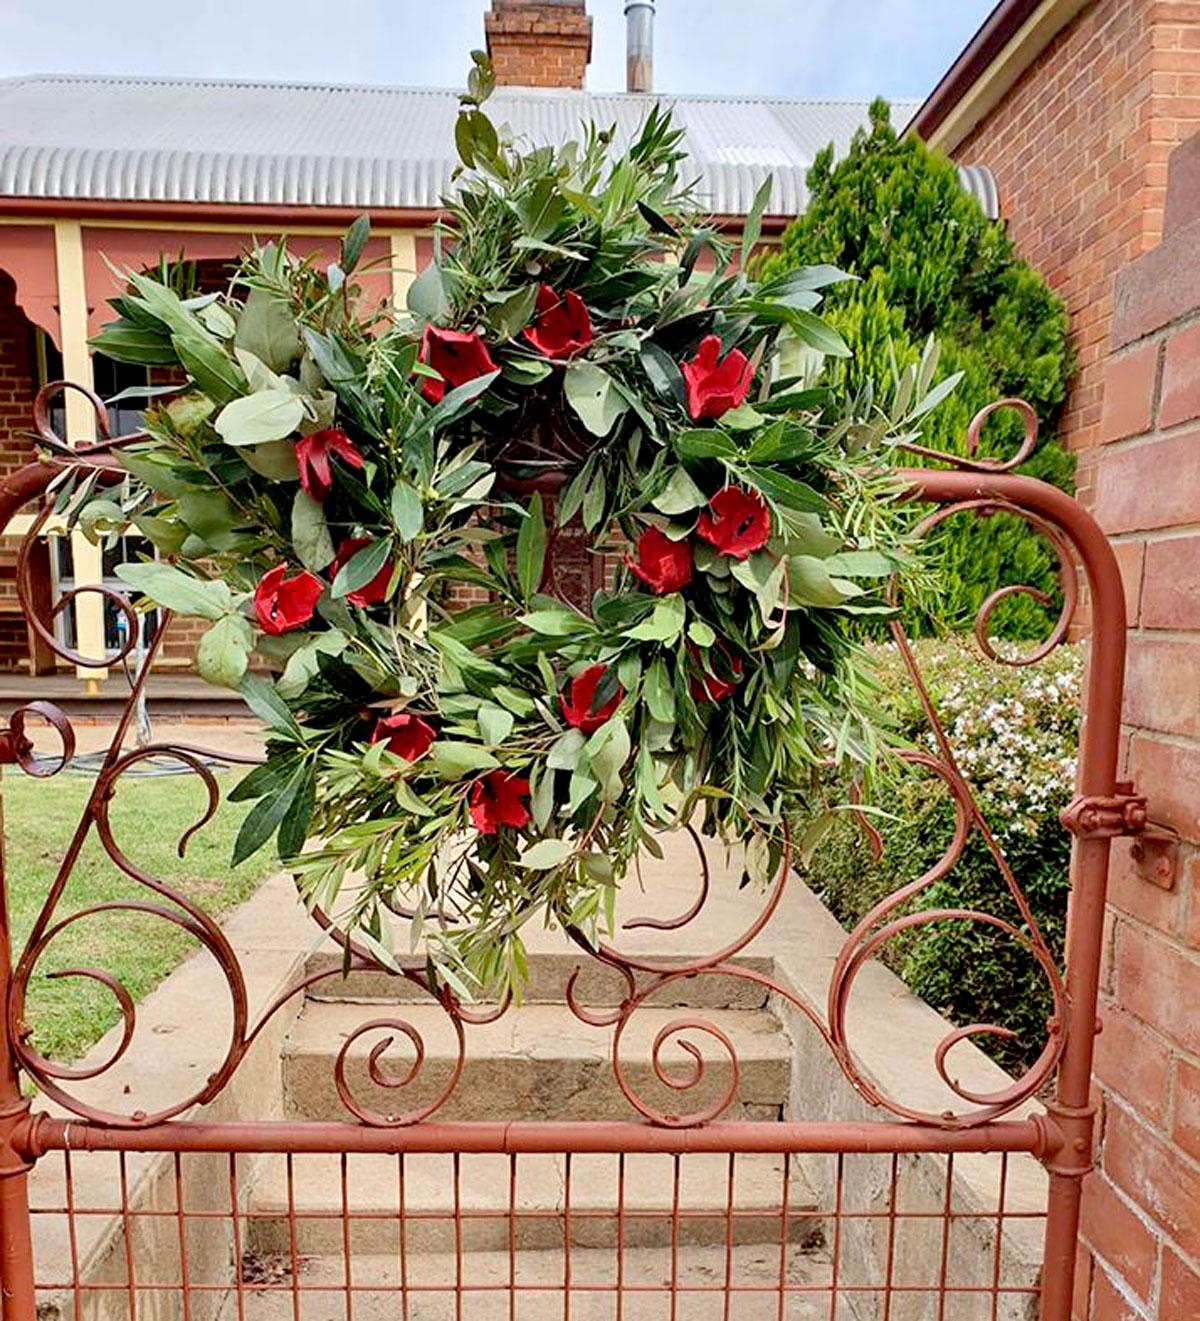 Harden driveway service organiser Erica Glover's wreath.